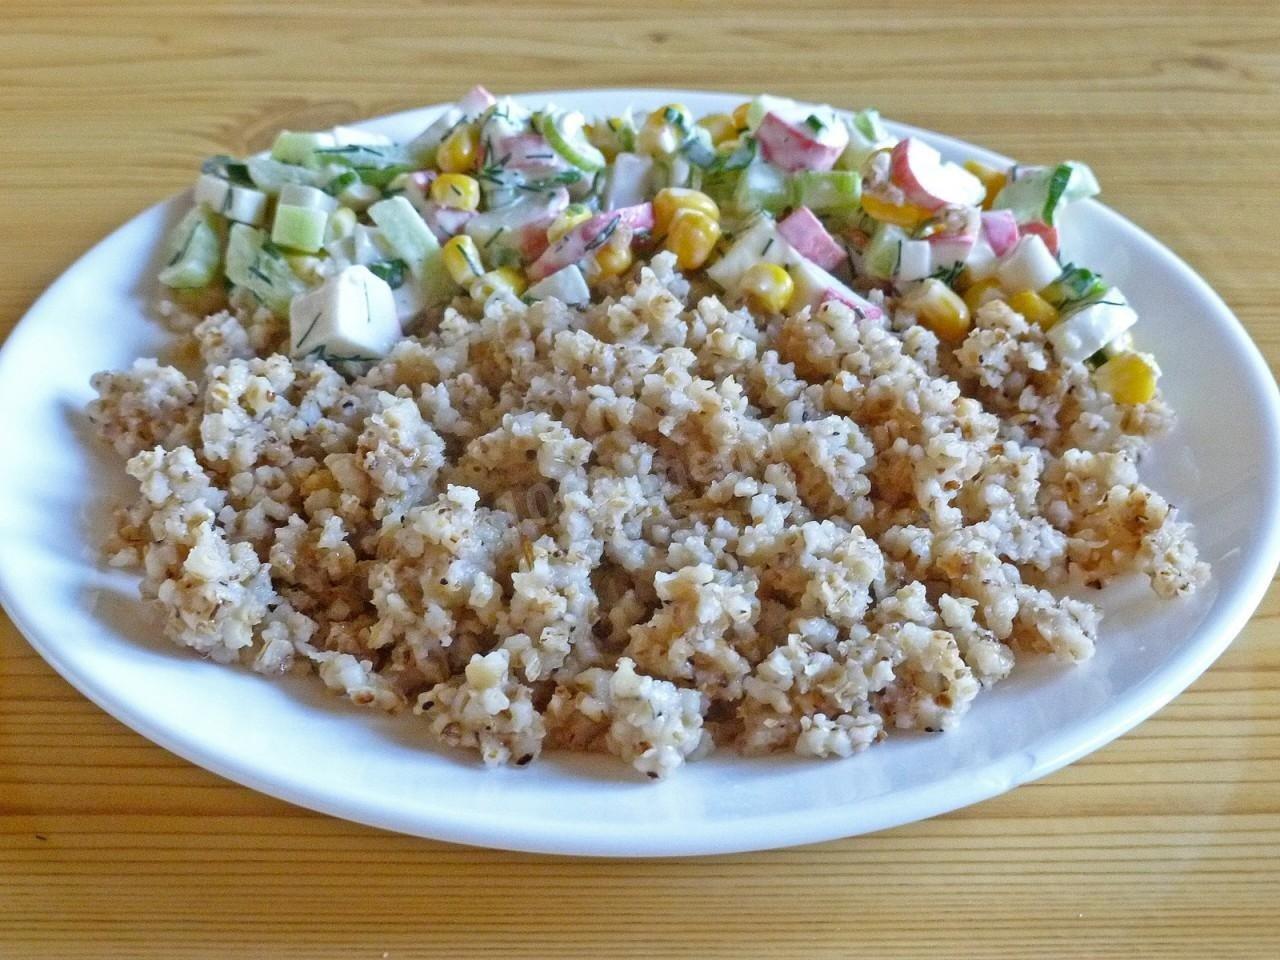 Вчені назвали інгредієнт, який слід додавати в їжу, щоб знизити вміст холестерину